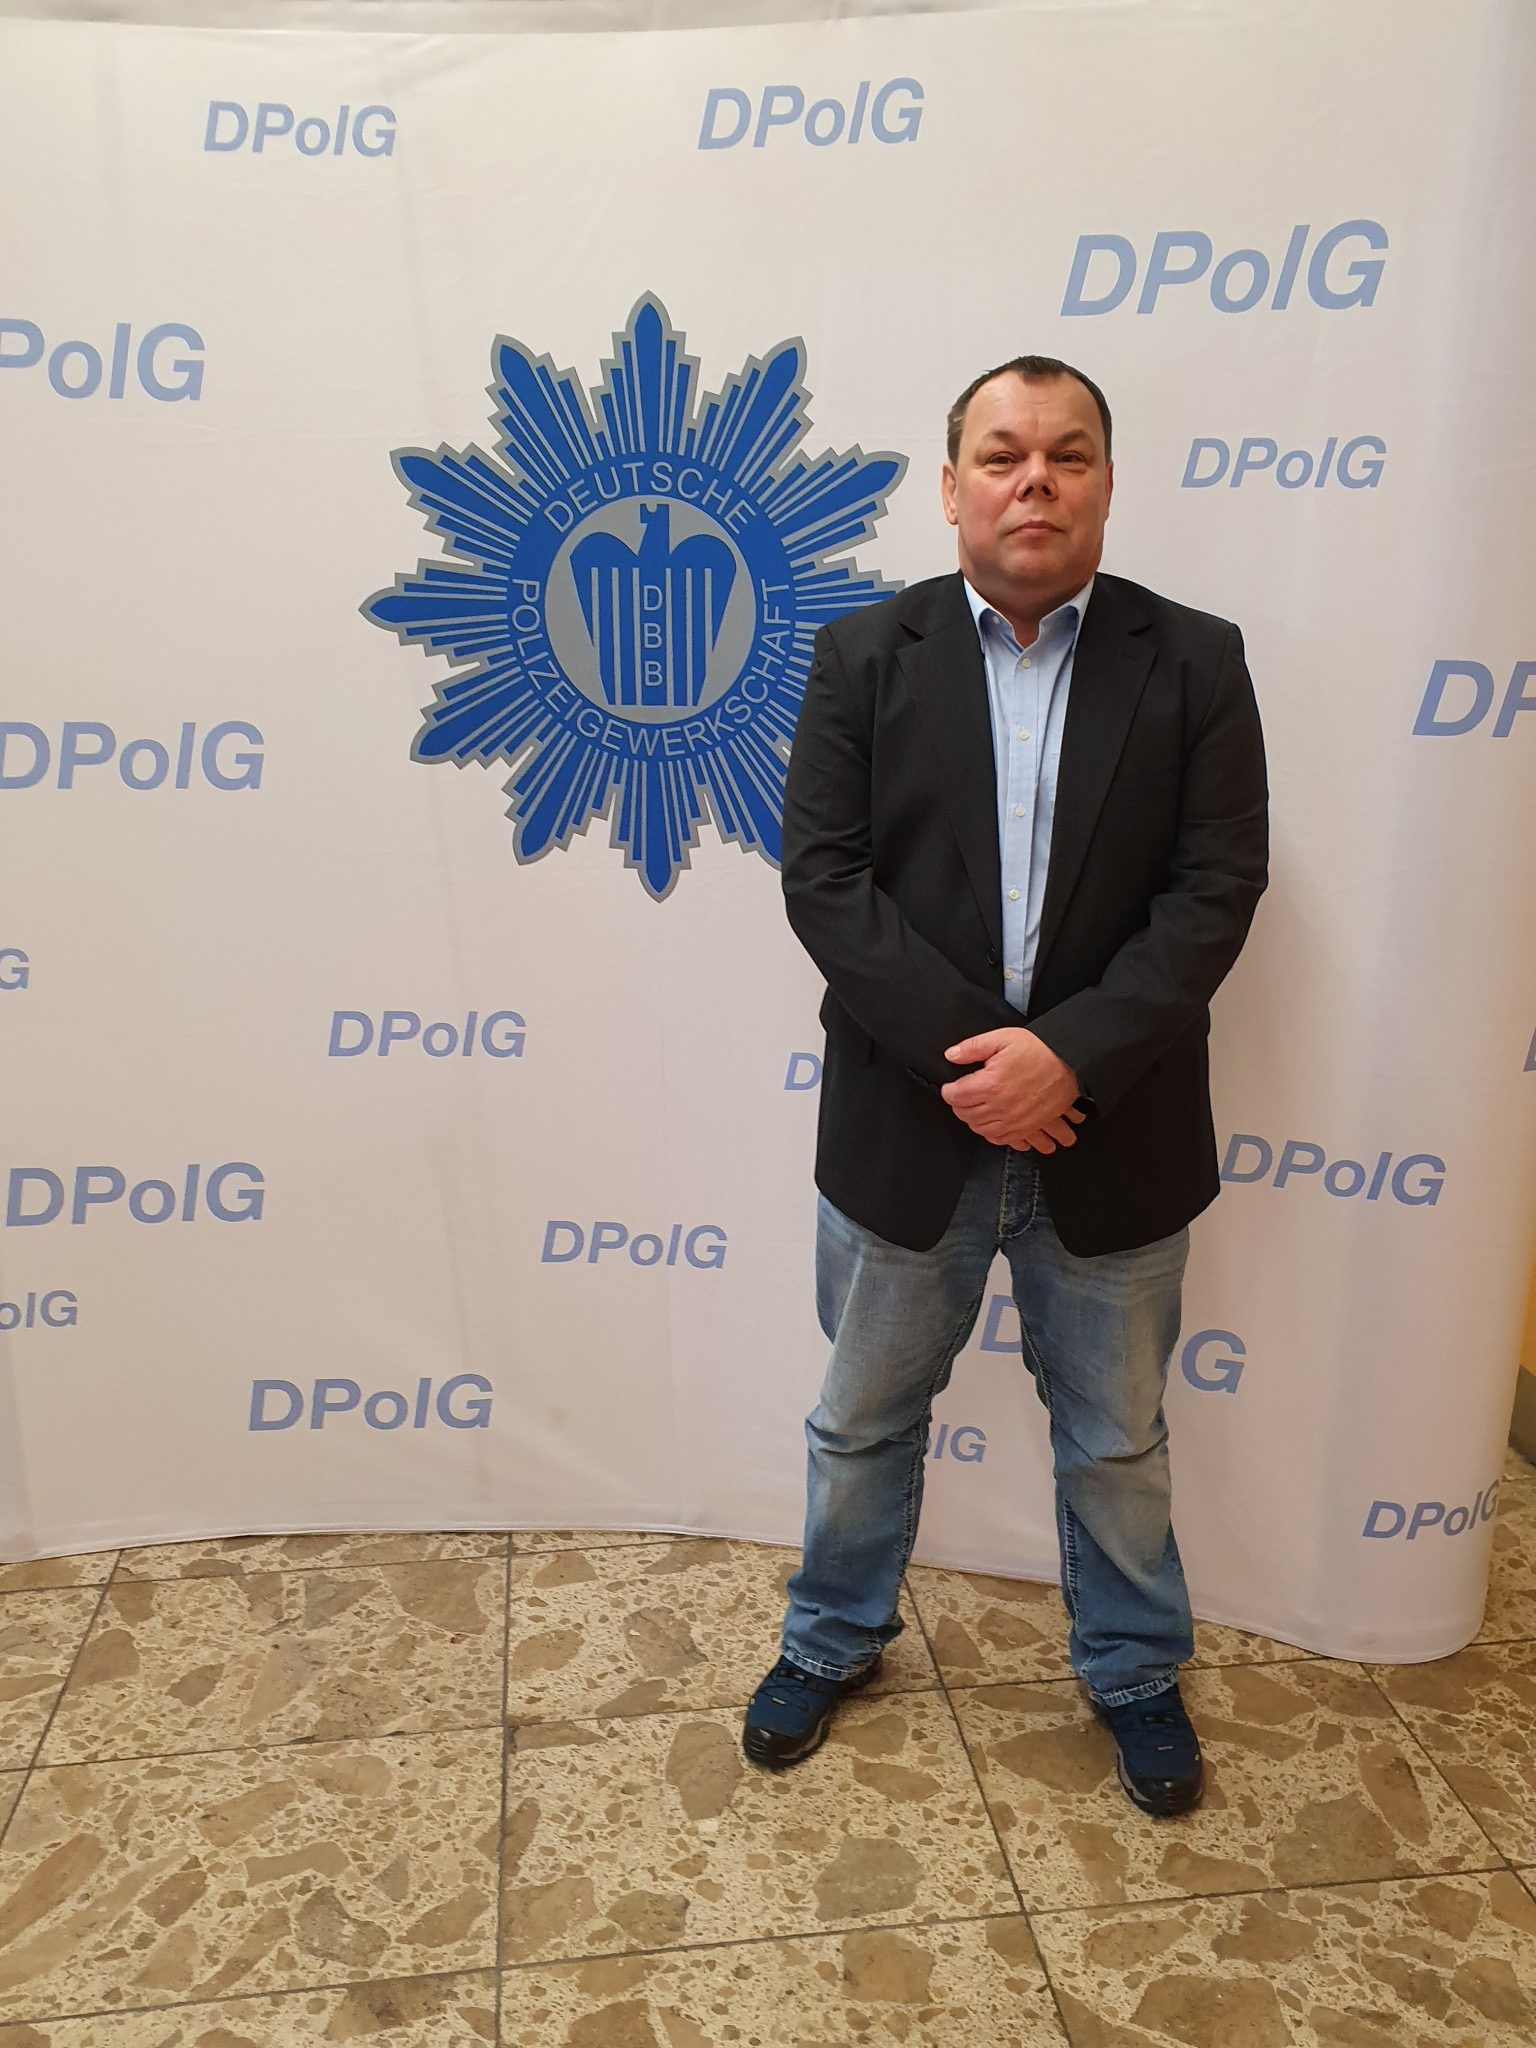 Ingo Hoppe